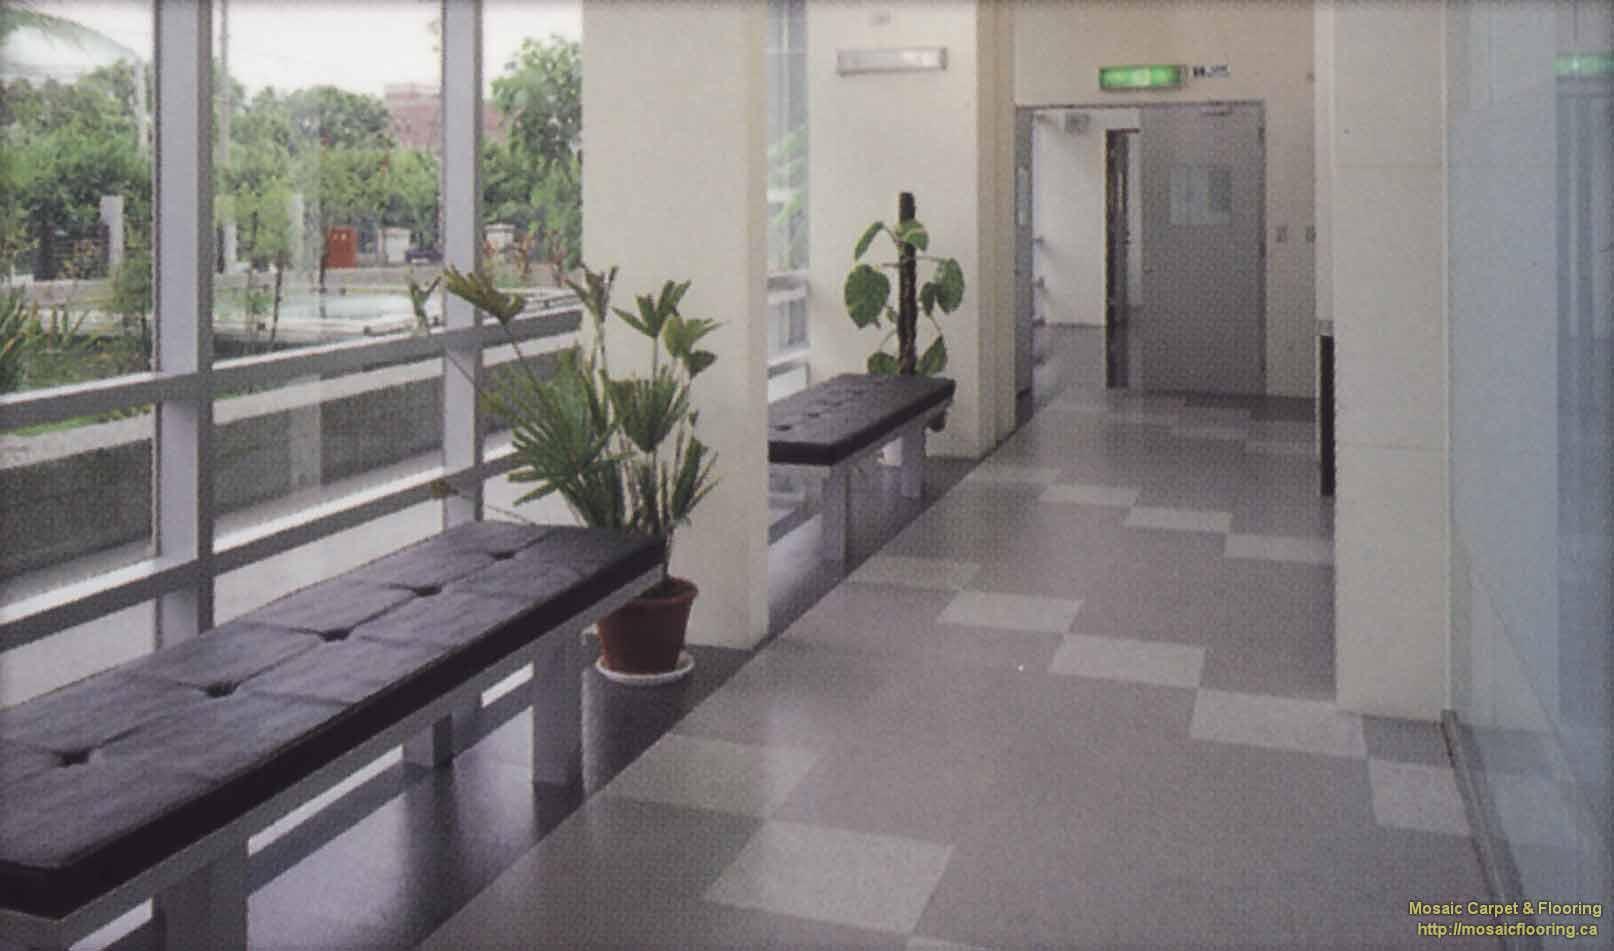 Resilient flooring vinyl flooring in abu dhabi for Resilient flooring